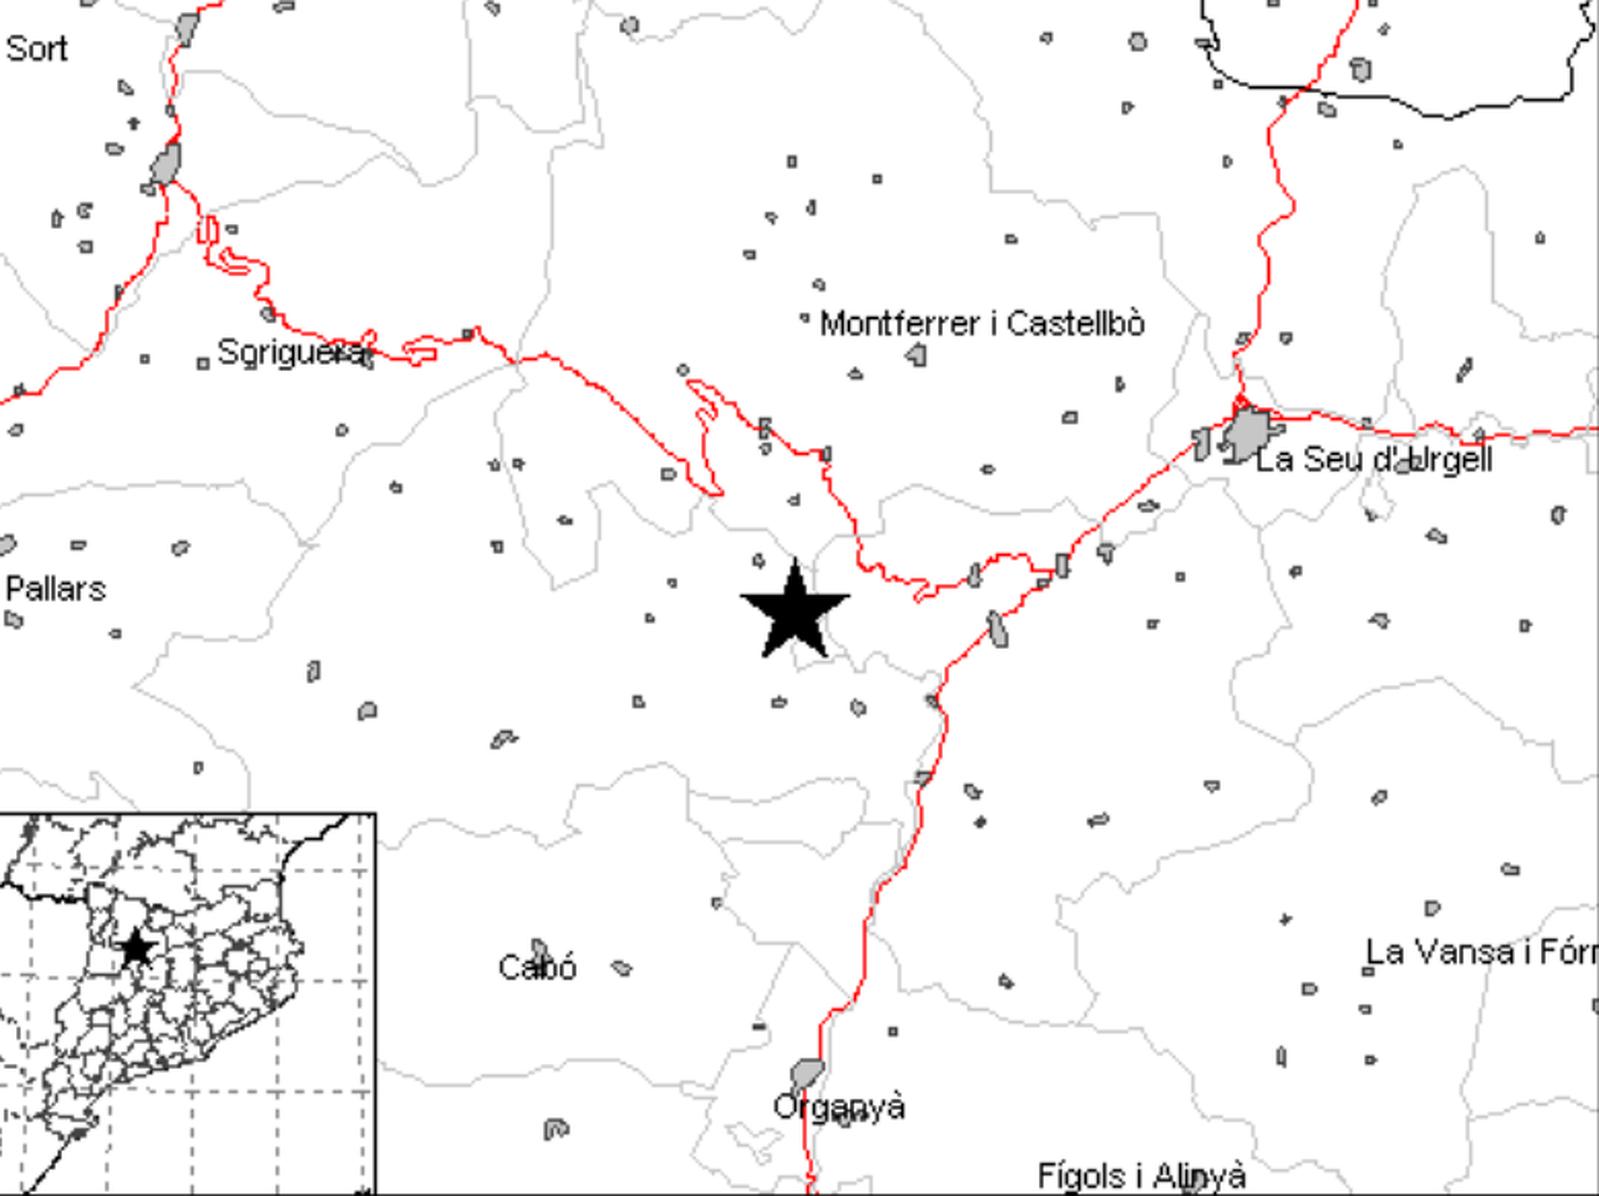 Mapa de l'Institut Cartogràfic i Geològic de Catalunya amb l'epicentre del sisme